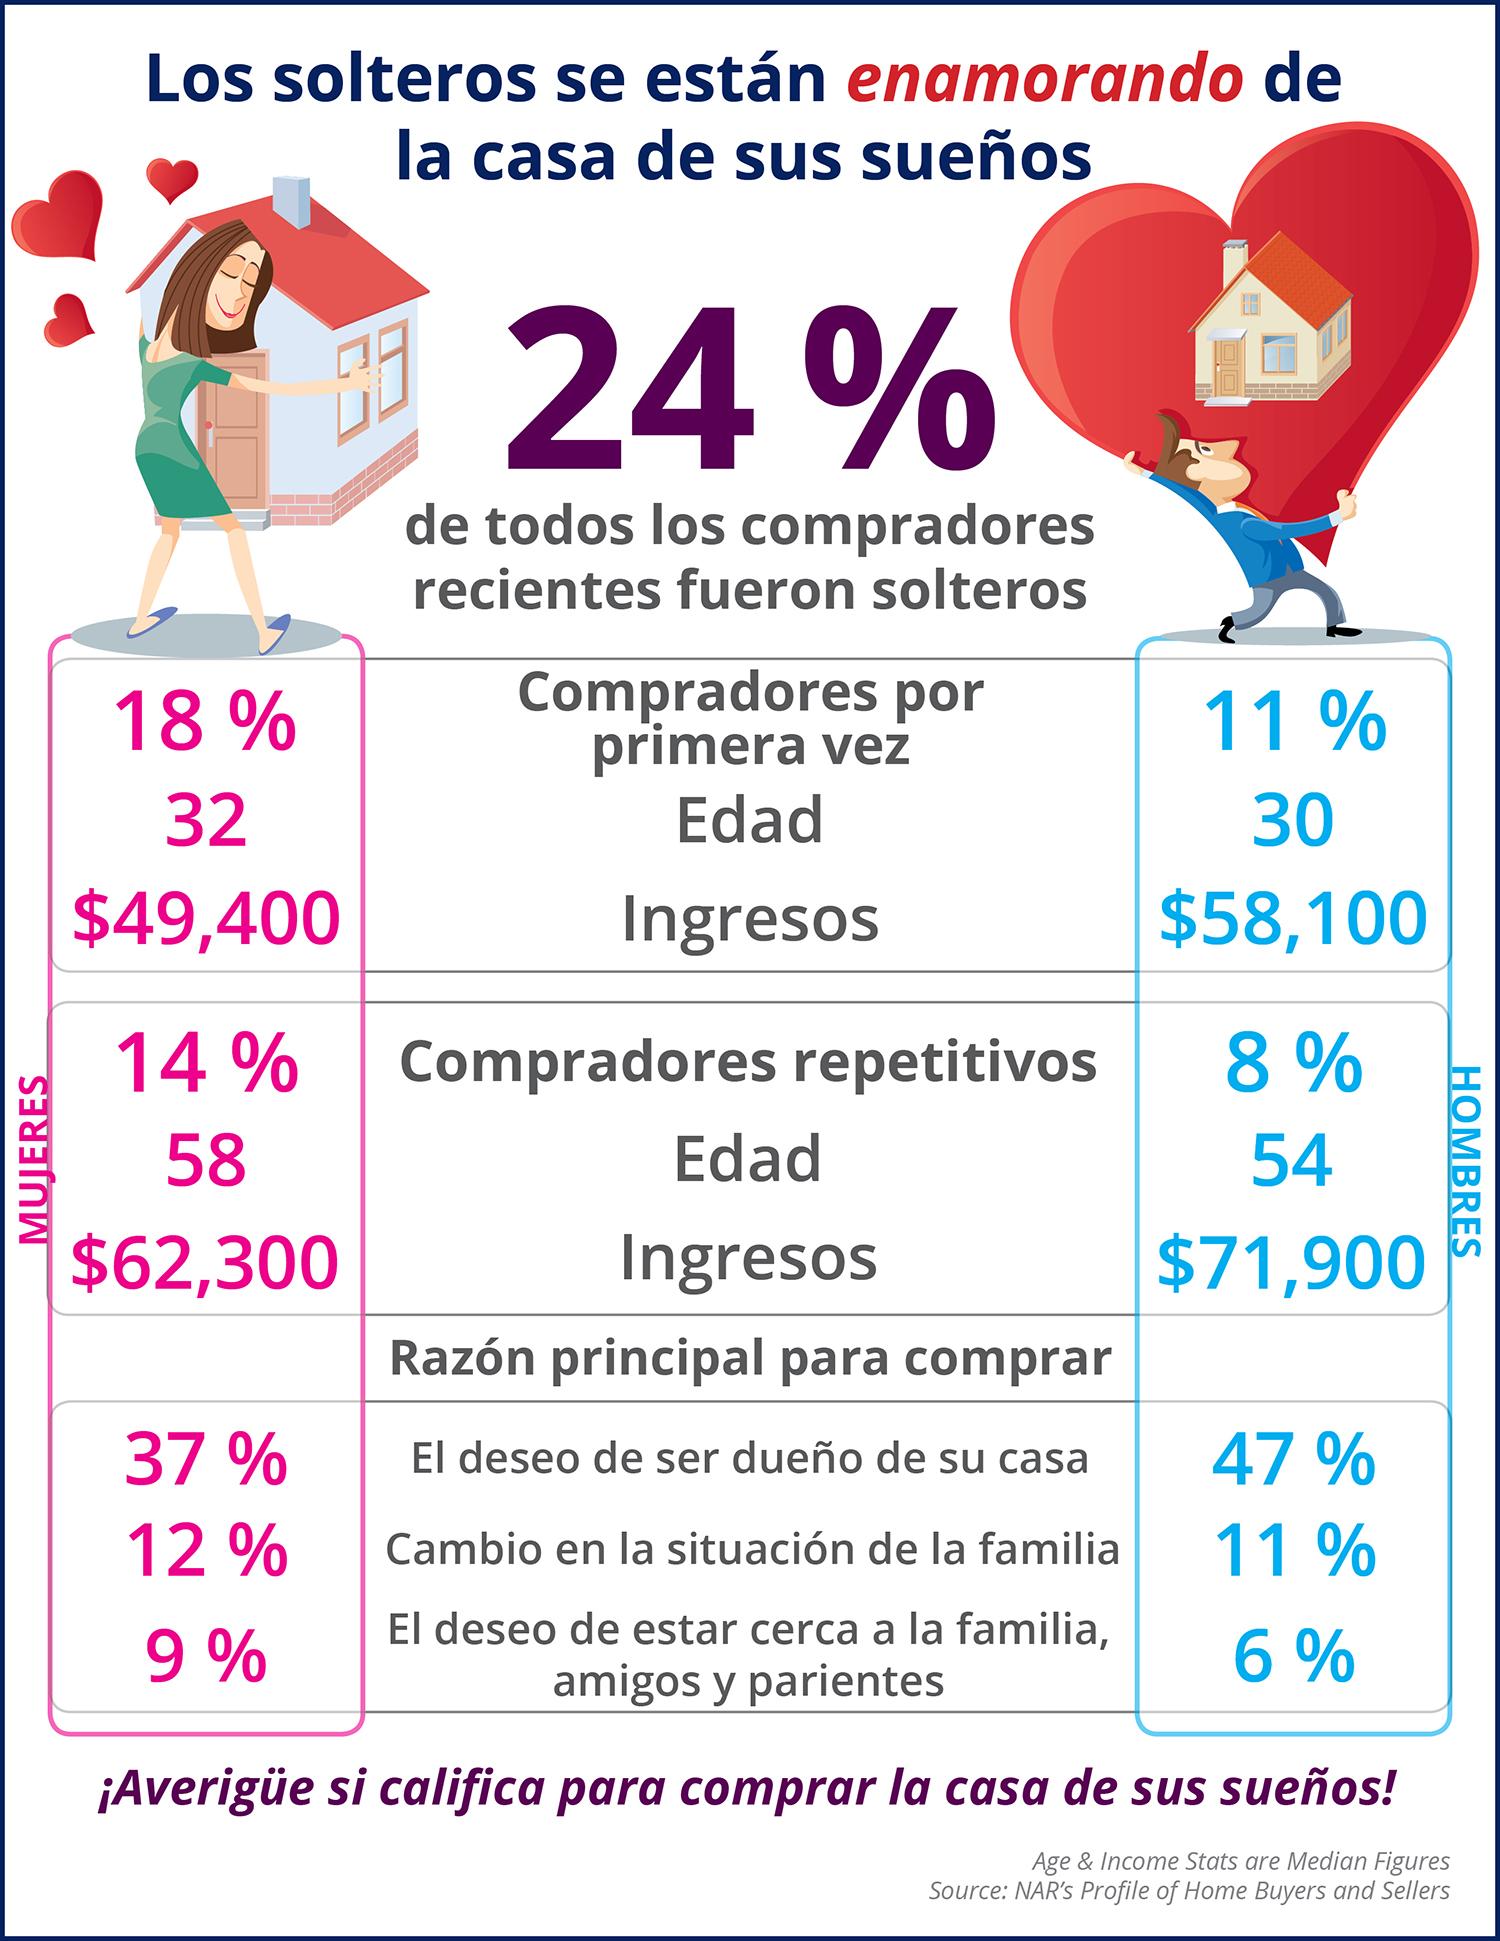 Más y más solteros se están enamorando de la casa de sus sueños [infografía] | Simplifying The Market